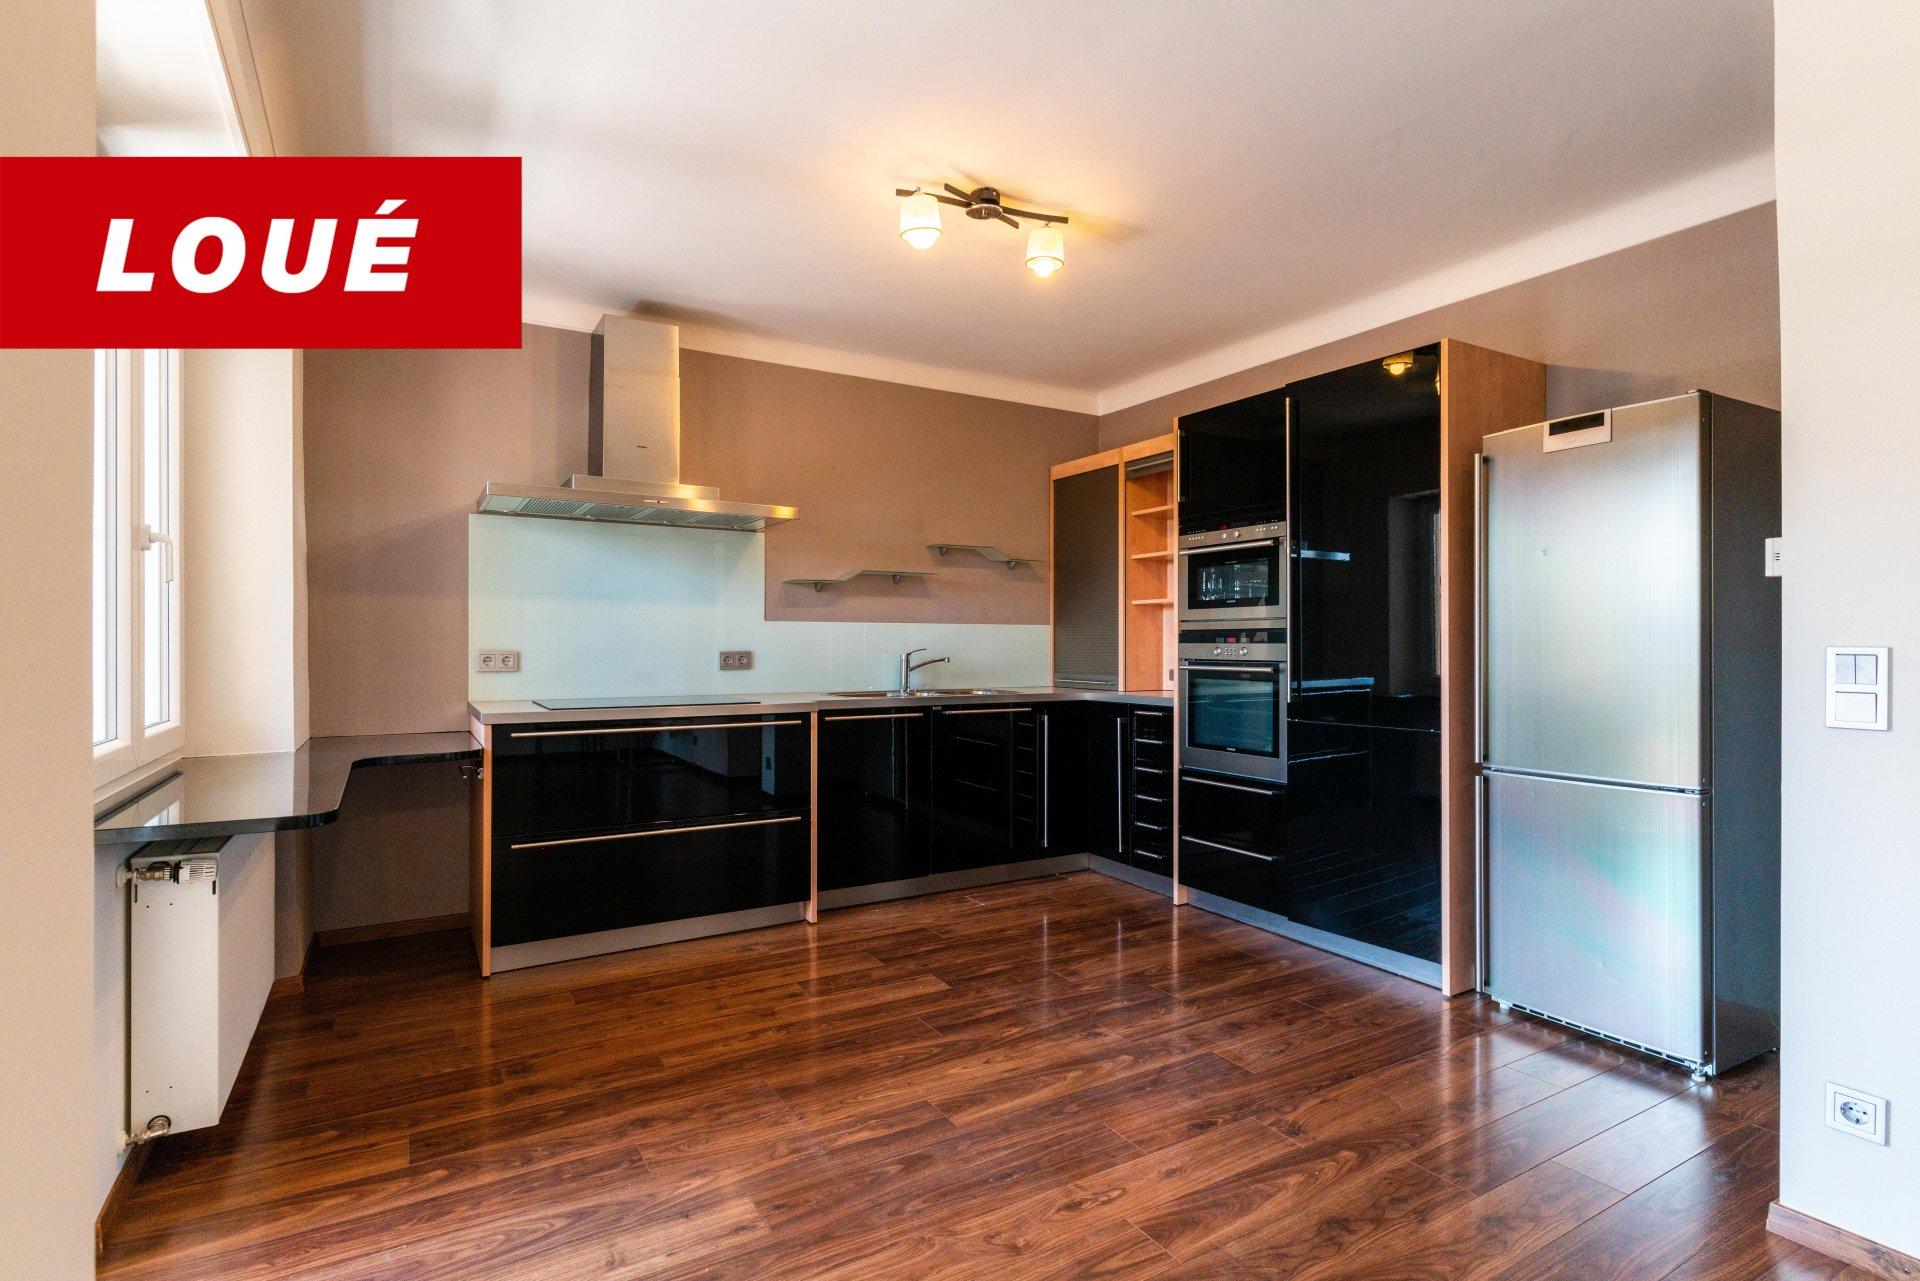 LOUE - appartement avec 1 chambre à coucher à Luxembourg-Belair